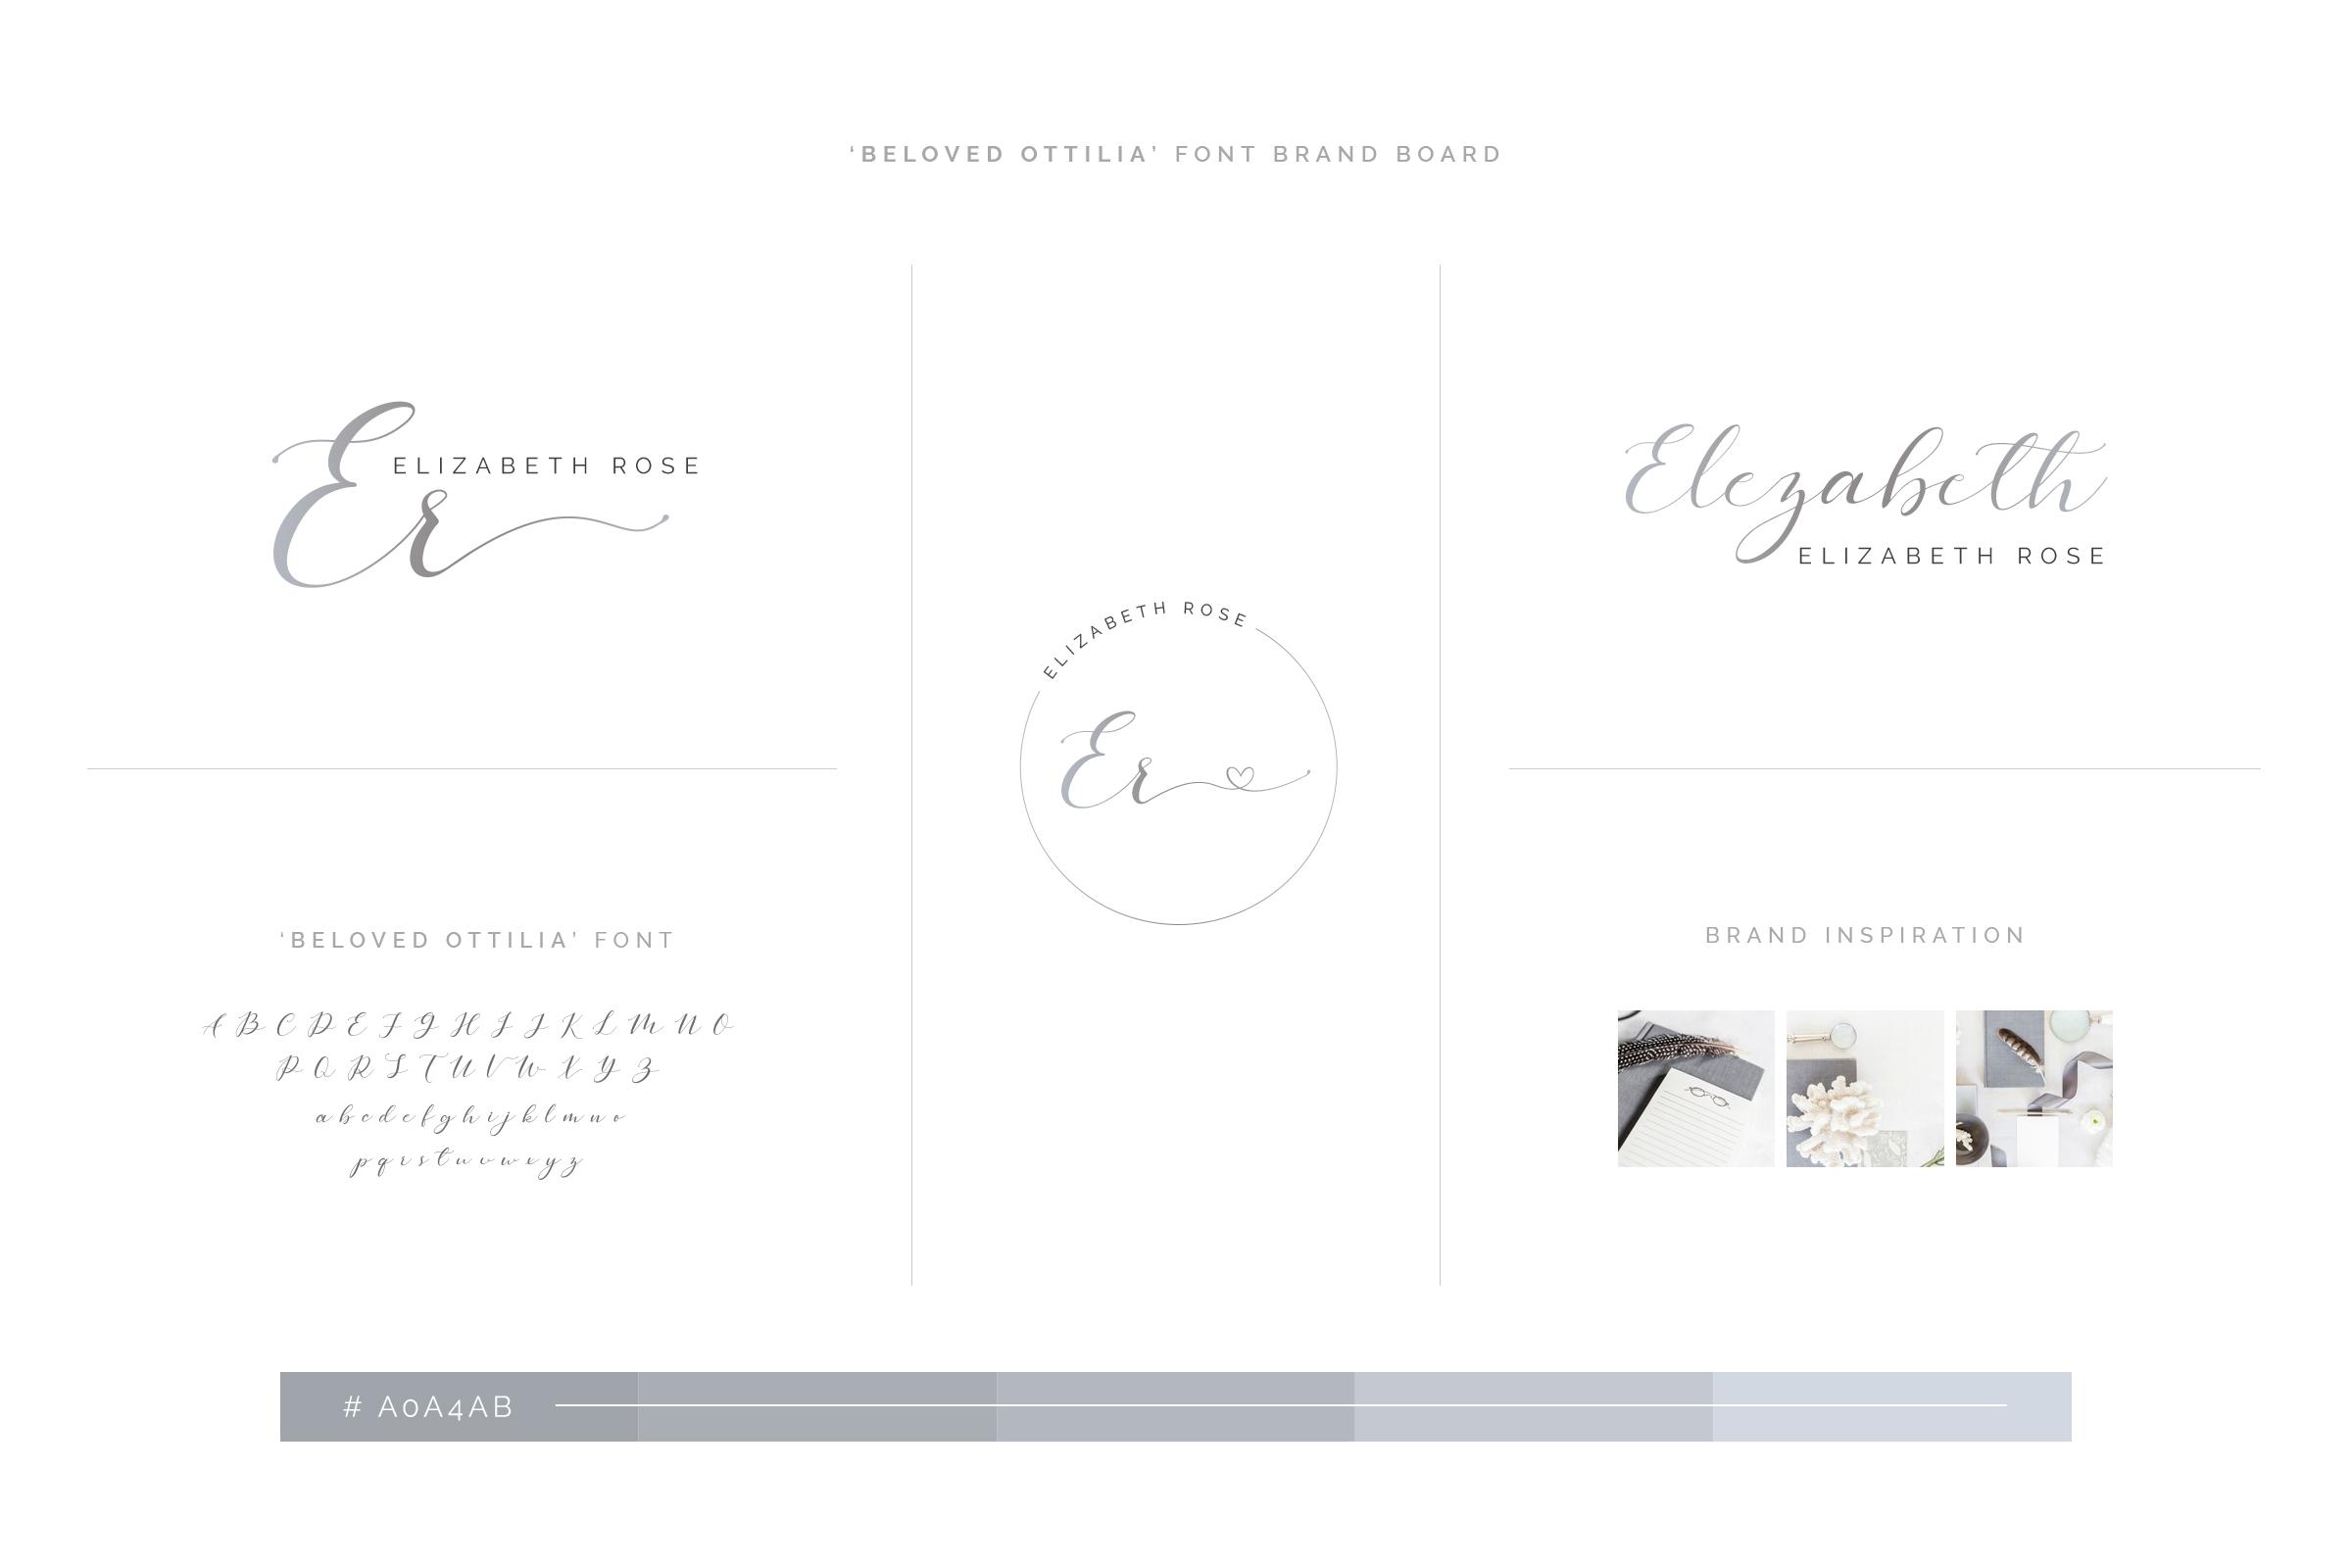 Beloved Ottilia Font 60 Free Logos example image 22